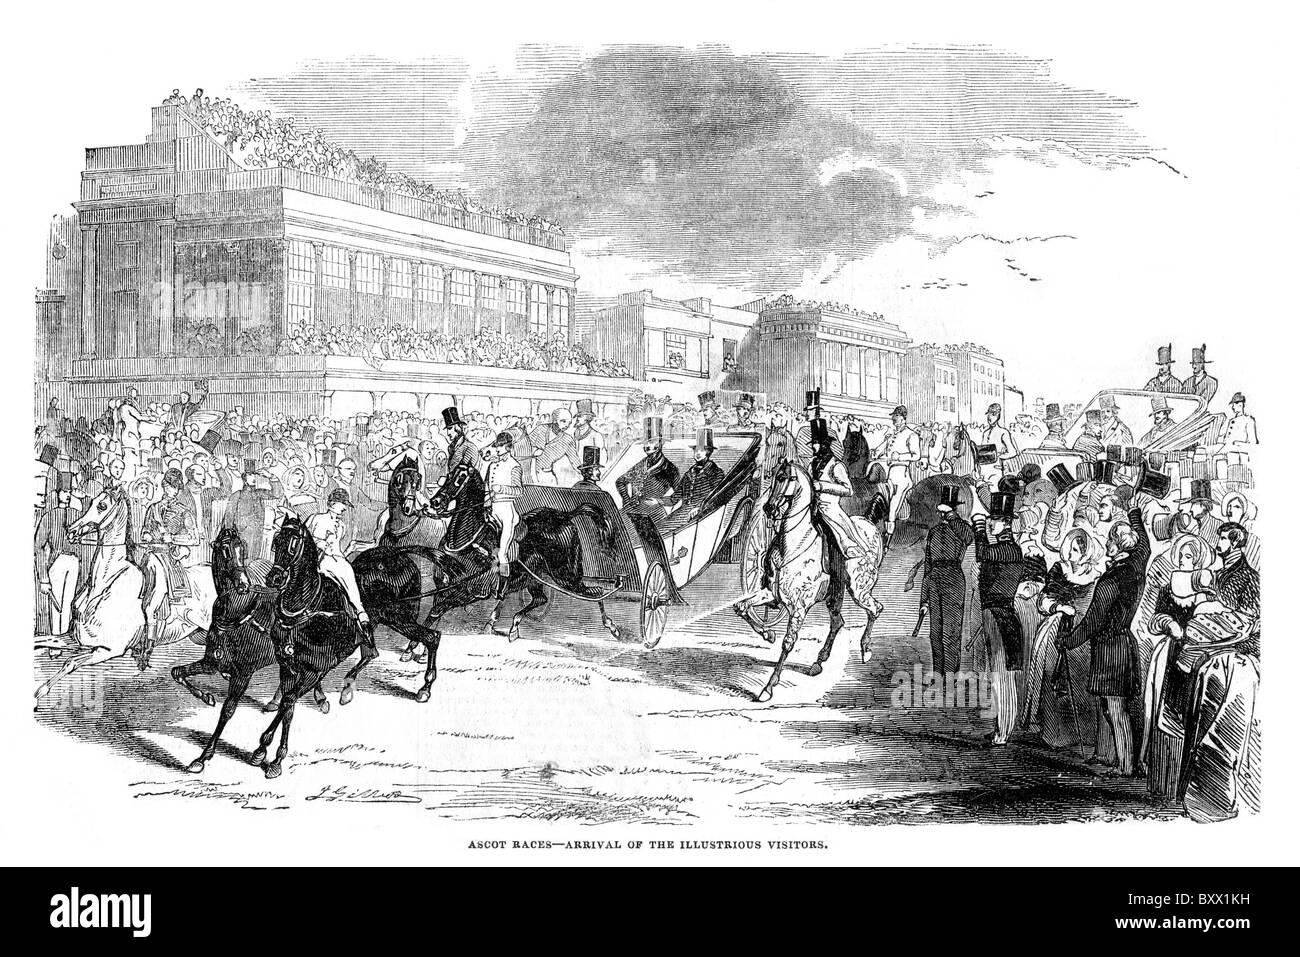 Ascot-Rennen; Die Ankunft der illustre Persönlichkeiten; 19. Jahrhundert; Schwarz und weiß-Abbildung; Stockbild